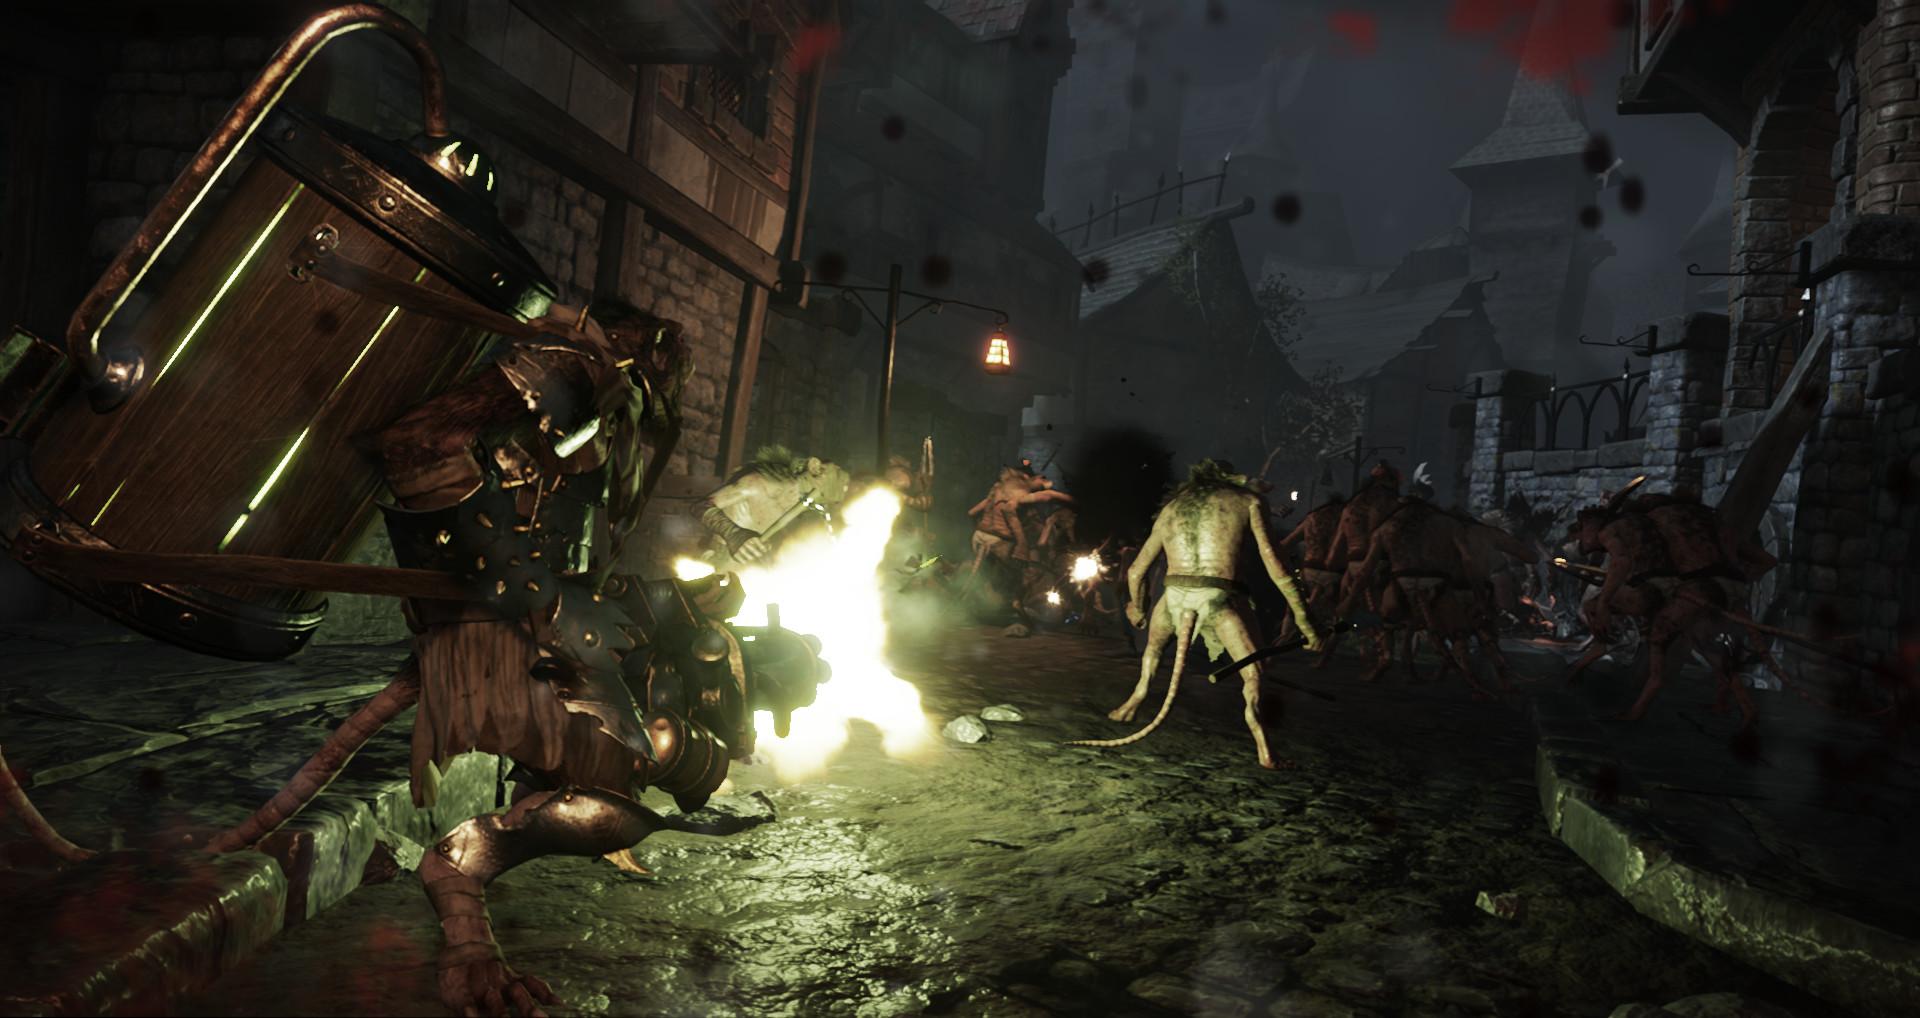 Warhammer End Of Times : Vermintides Ss_f1b06b2a1ff5e4819f0b059242eef23cebd8a737.1920x1080